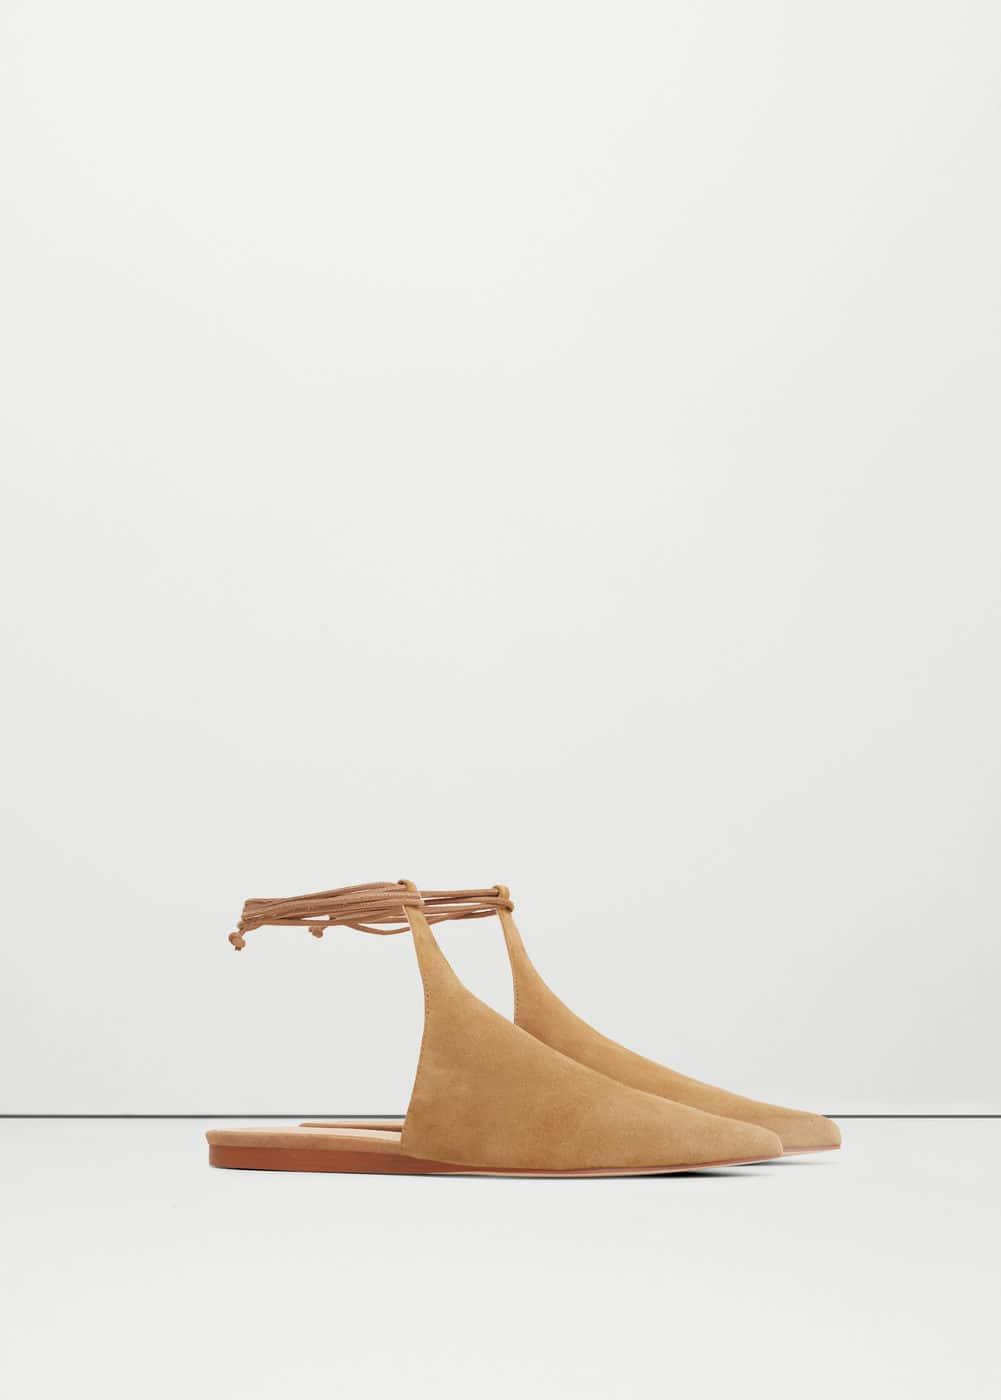 Premium - leather slingback shoes | MANGO